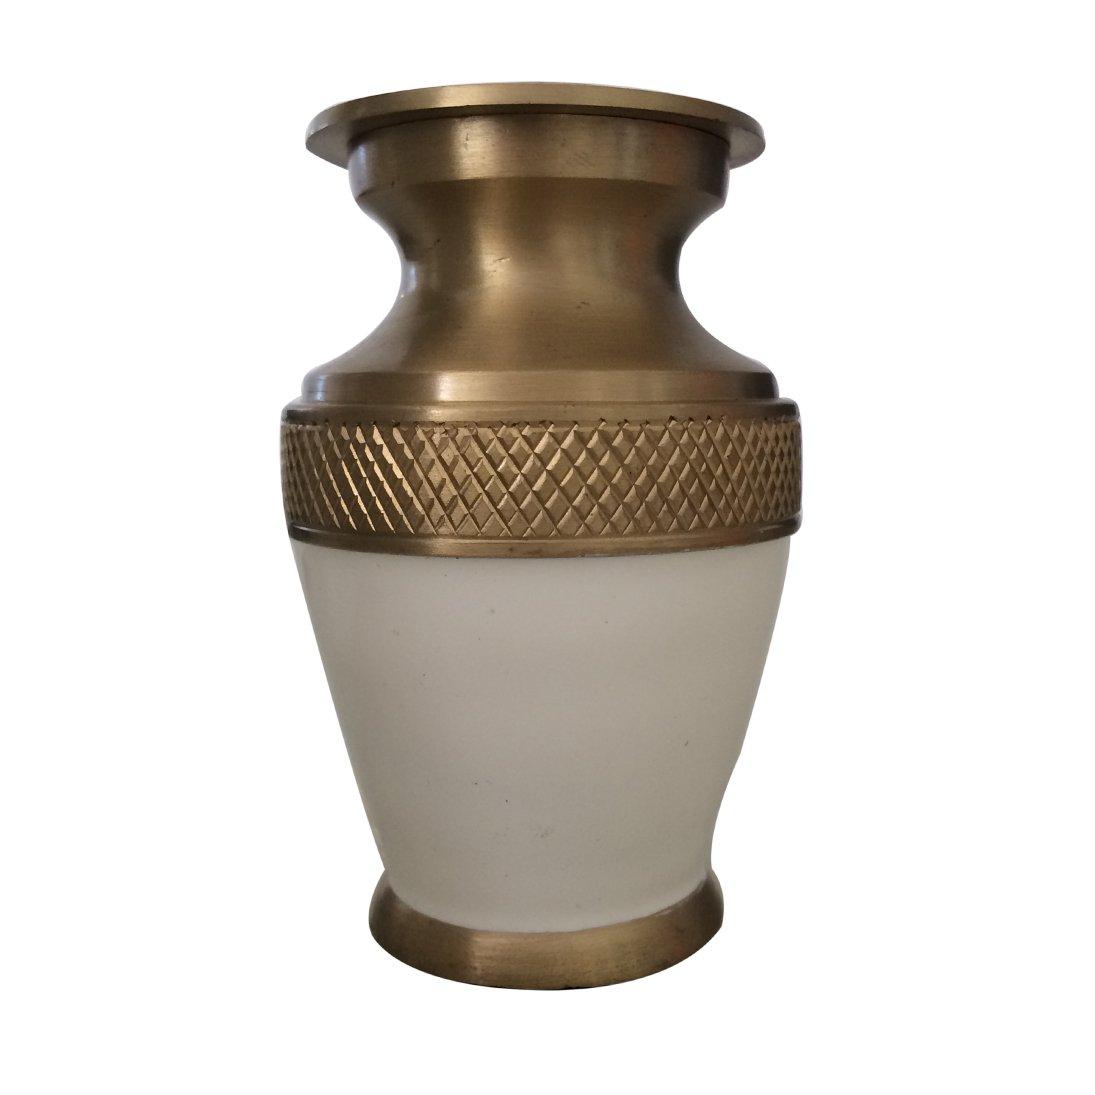 Majestic White Enamel Keepsake Urn Ashes, Cremation Memorial Urns